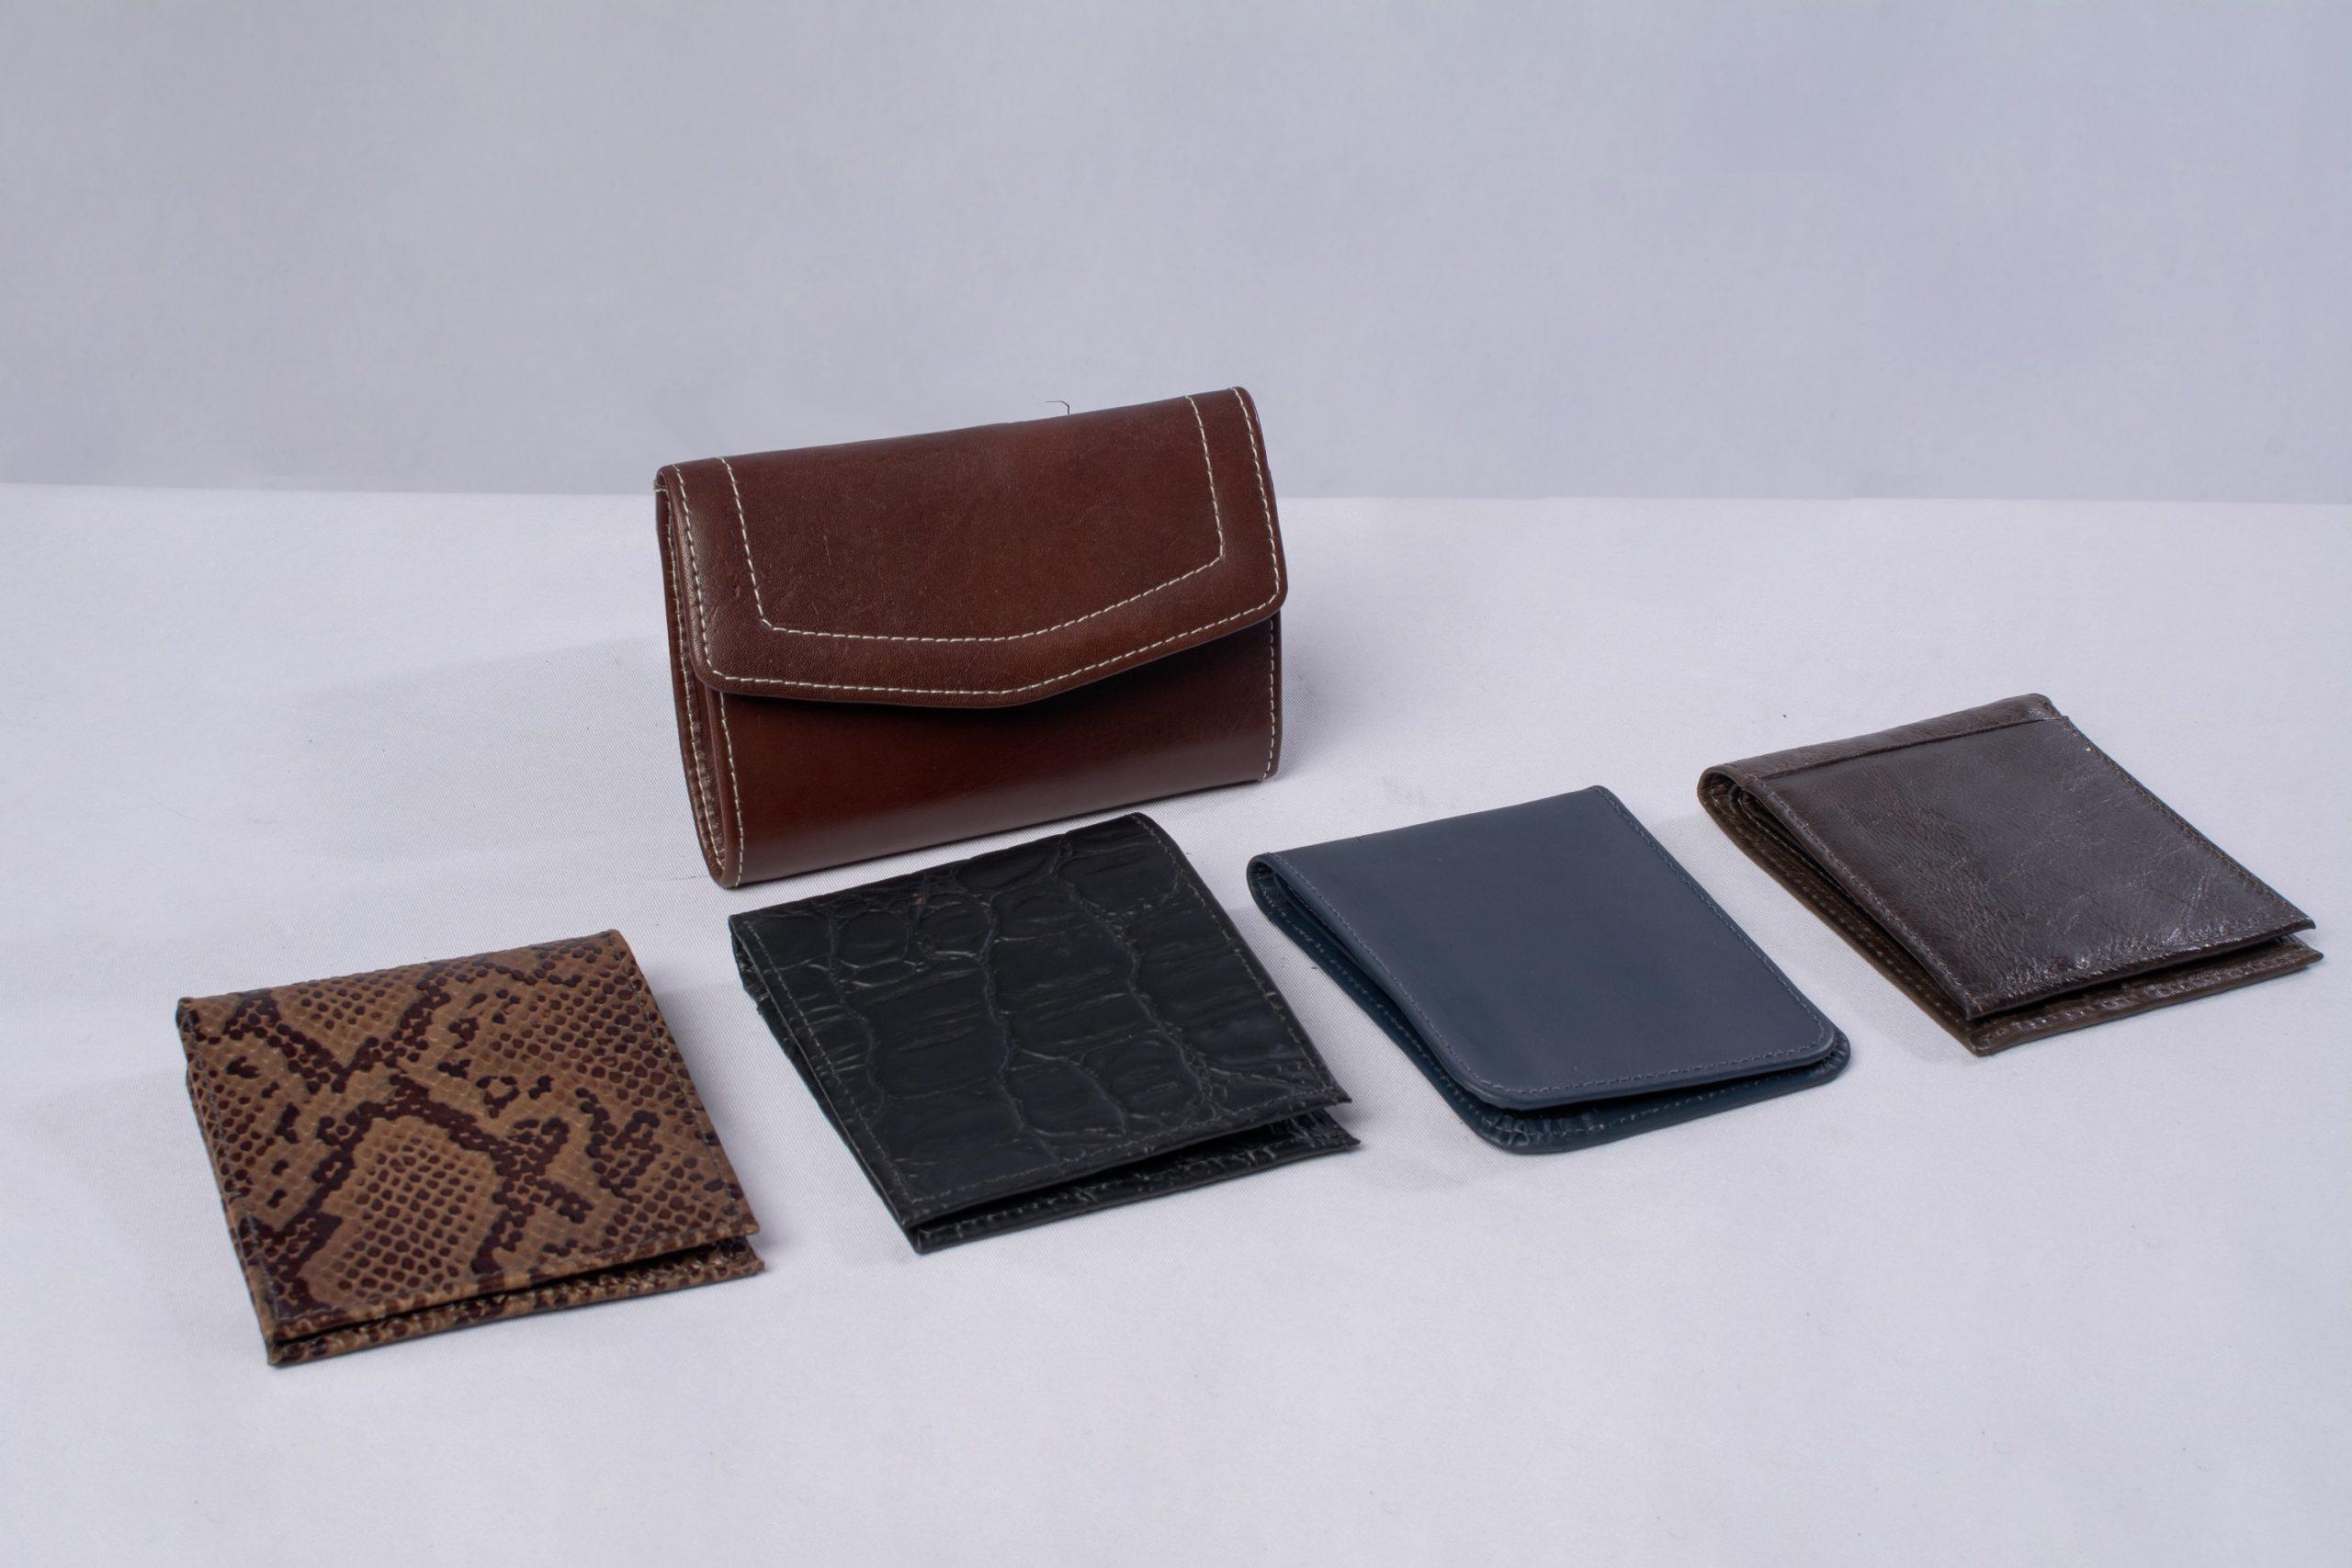 Billeteras de cuero (Marroquinería). Material: Cuero de res.